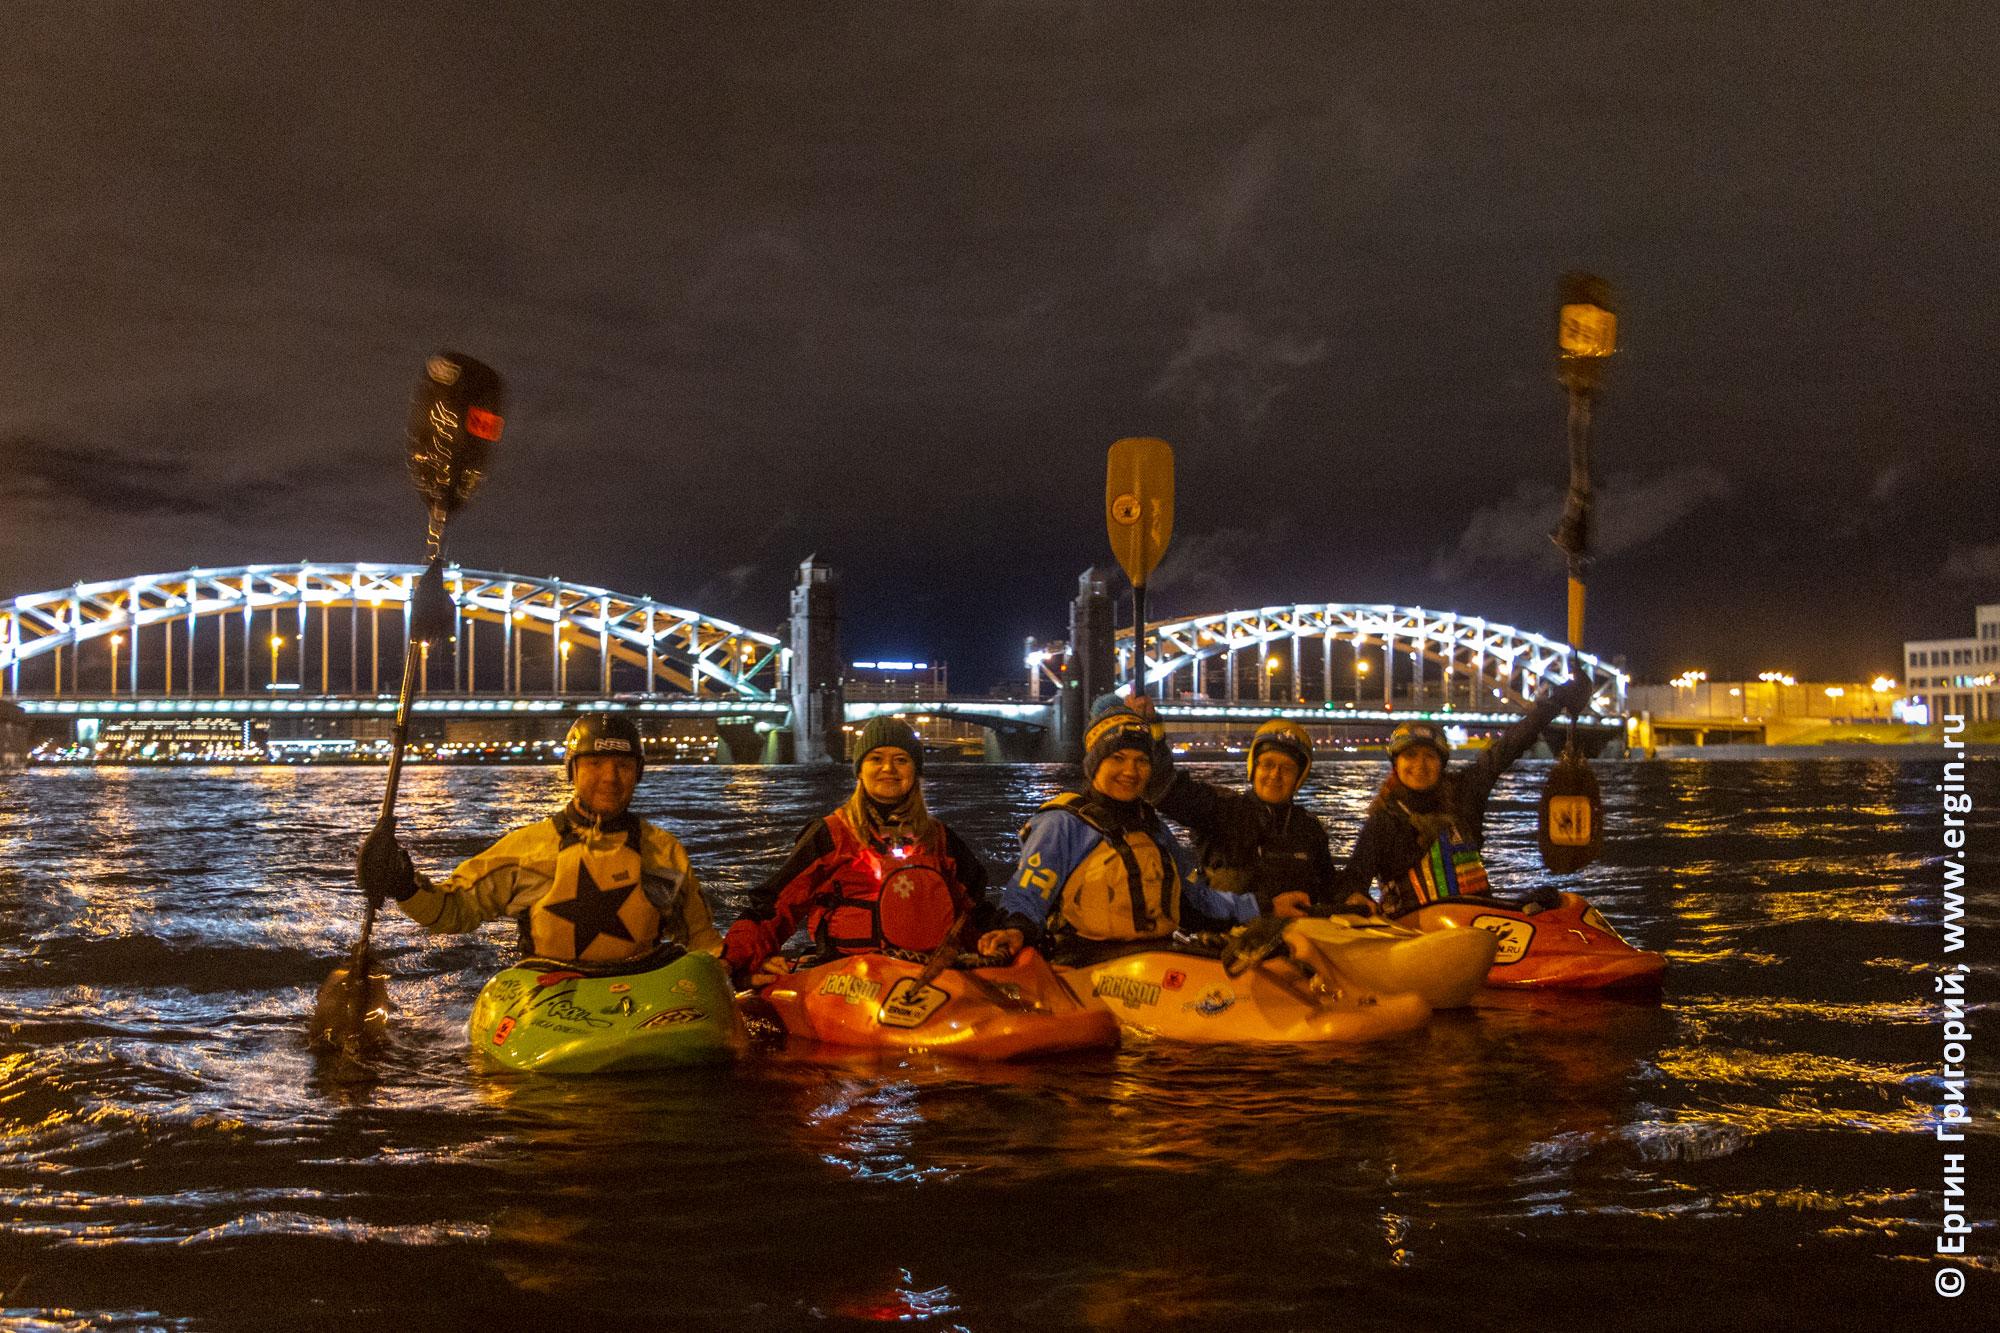 Каяки на фоне Большеохтинского моста в Санкт-Петербурге